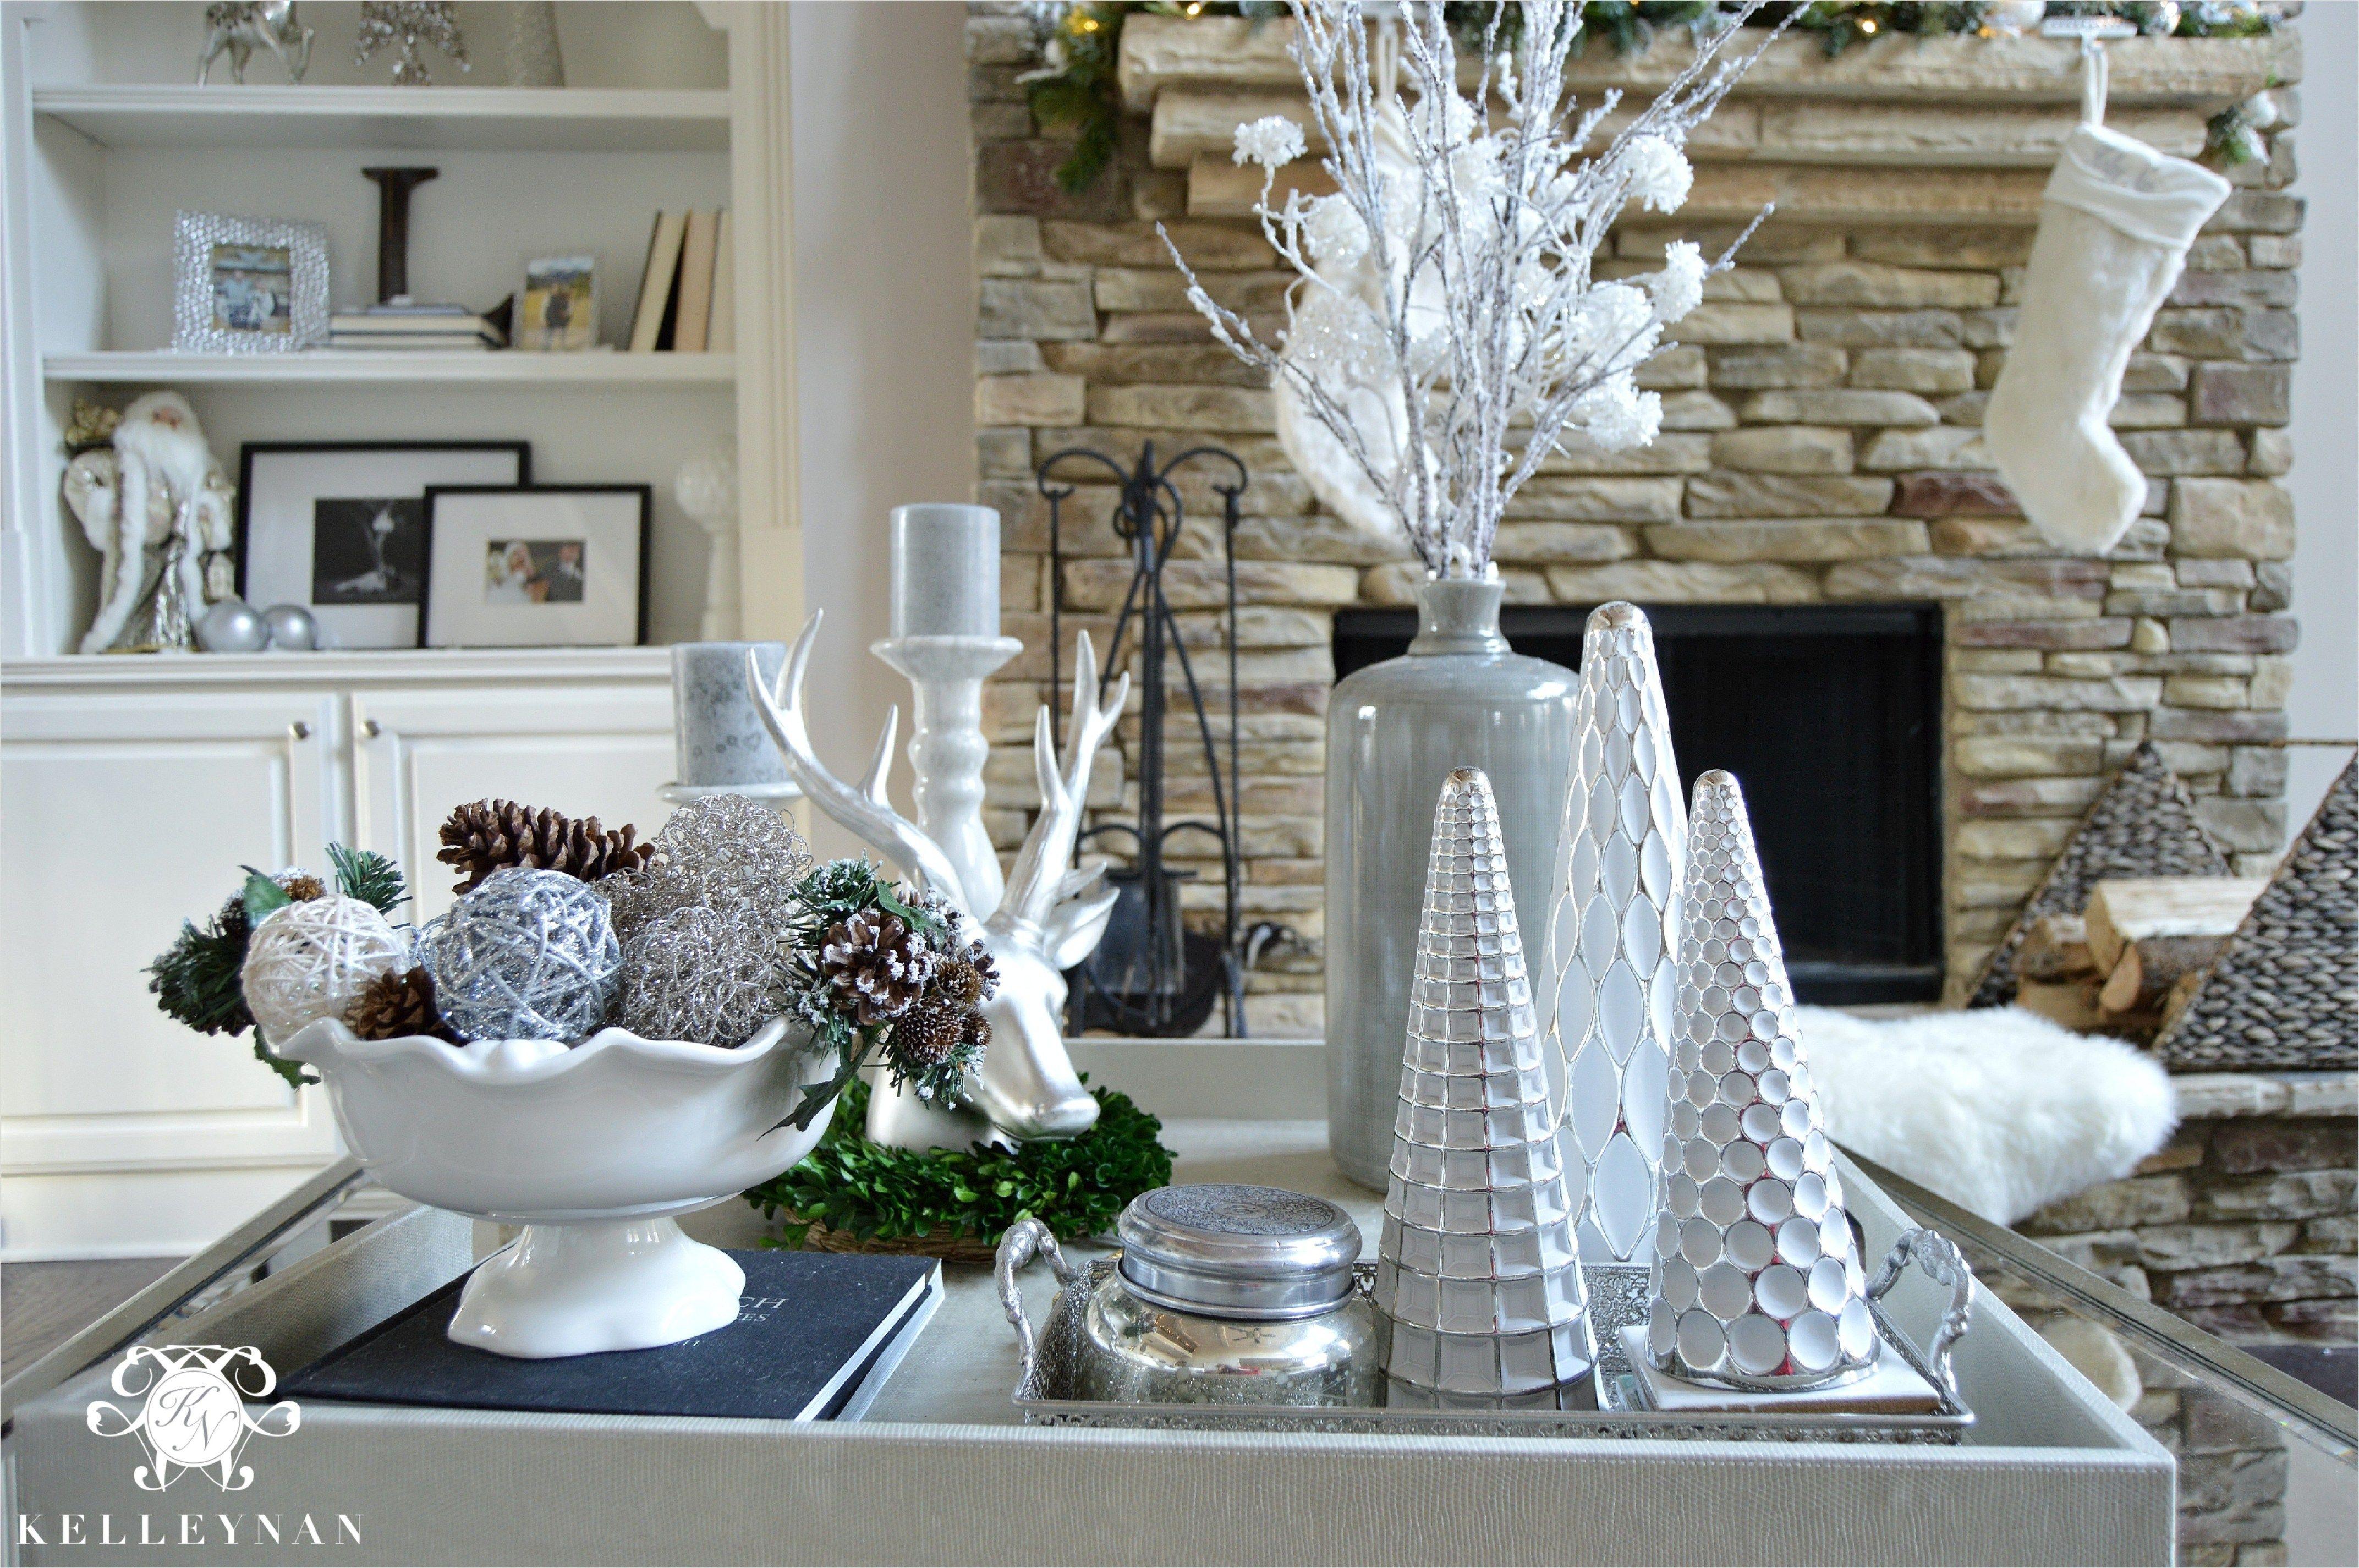 Coffee Table Christmas Decorations 19 Christmas Coffee Table Decor Christmas Table Decorations Christmas Home